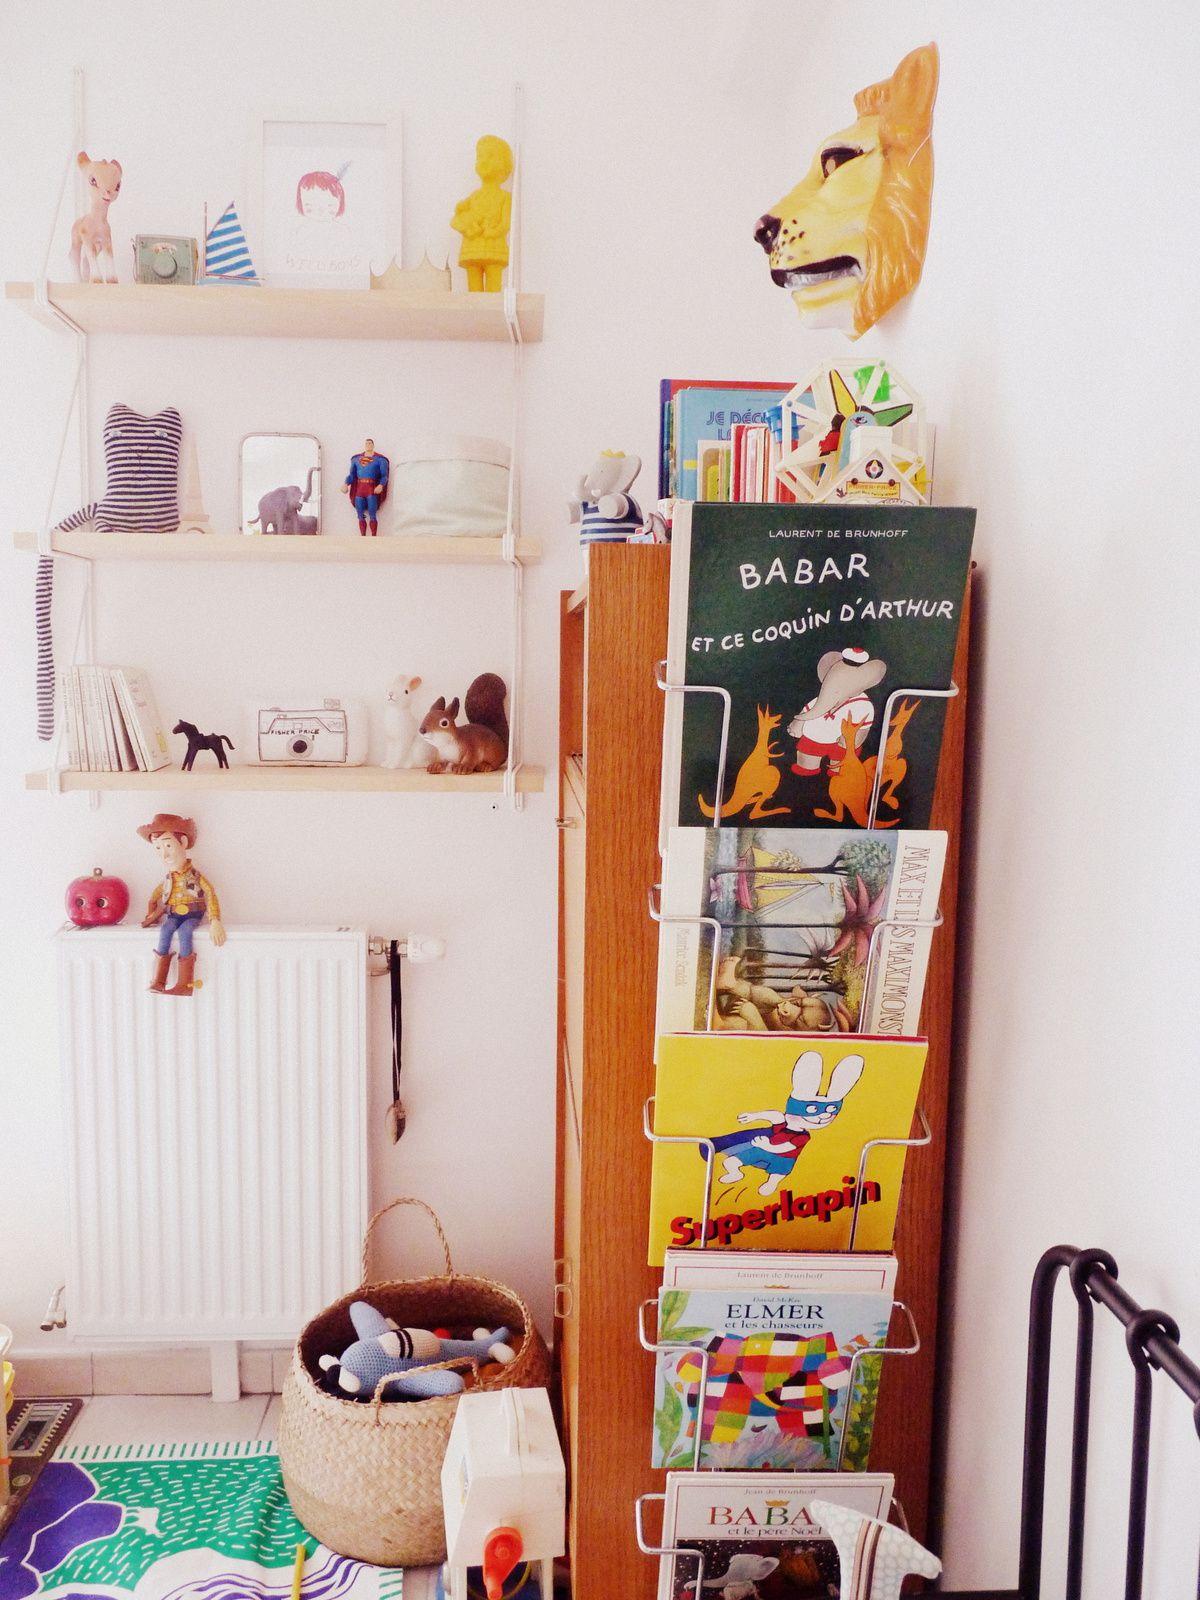 Et chez toi, on lit quoi? #19 Marcel ♥